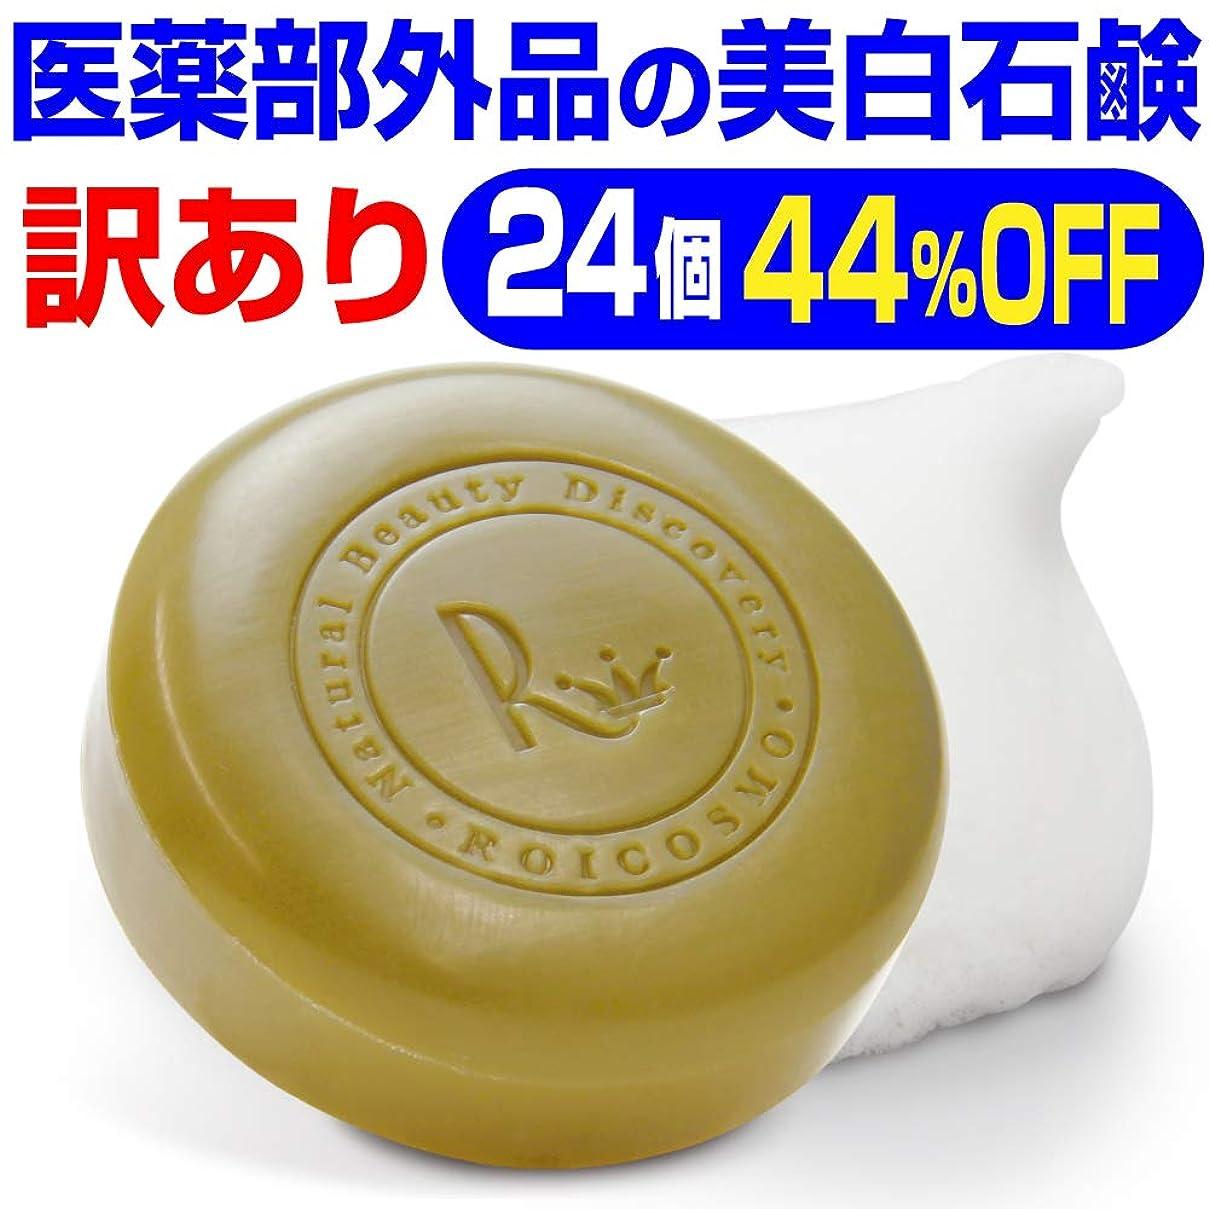 アルバニーそれるタフ訳あり44%OFF(1個2,143円)売切れ御免 ビタミンC270倍の美白成分の 洗顔石鹸『ホワイトソープ100g×24個』